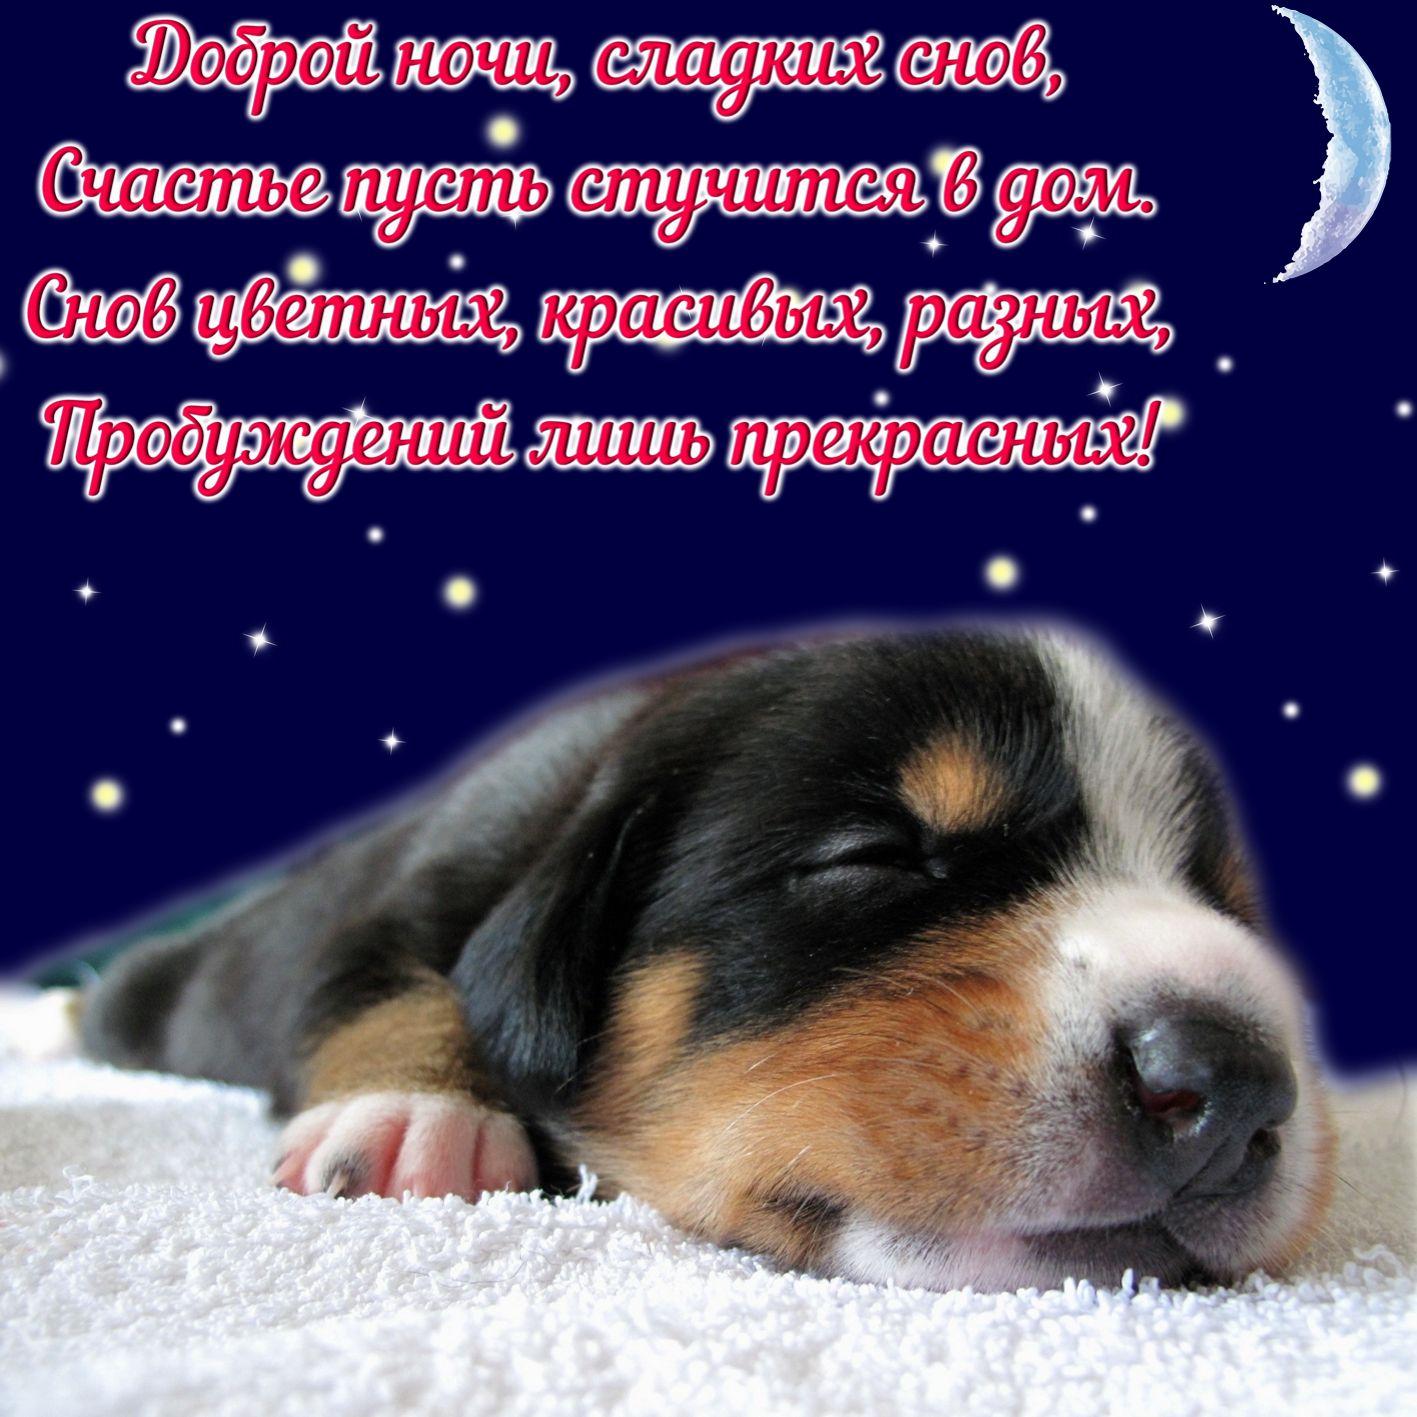 красивая открытка приятных снов изображения обязаны